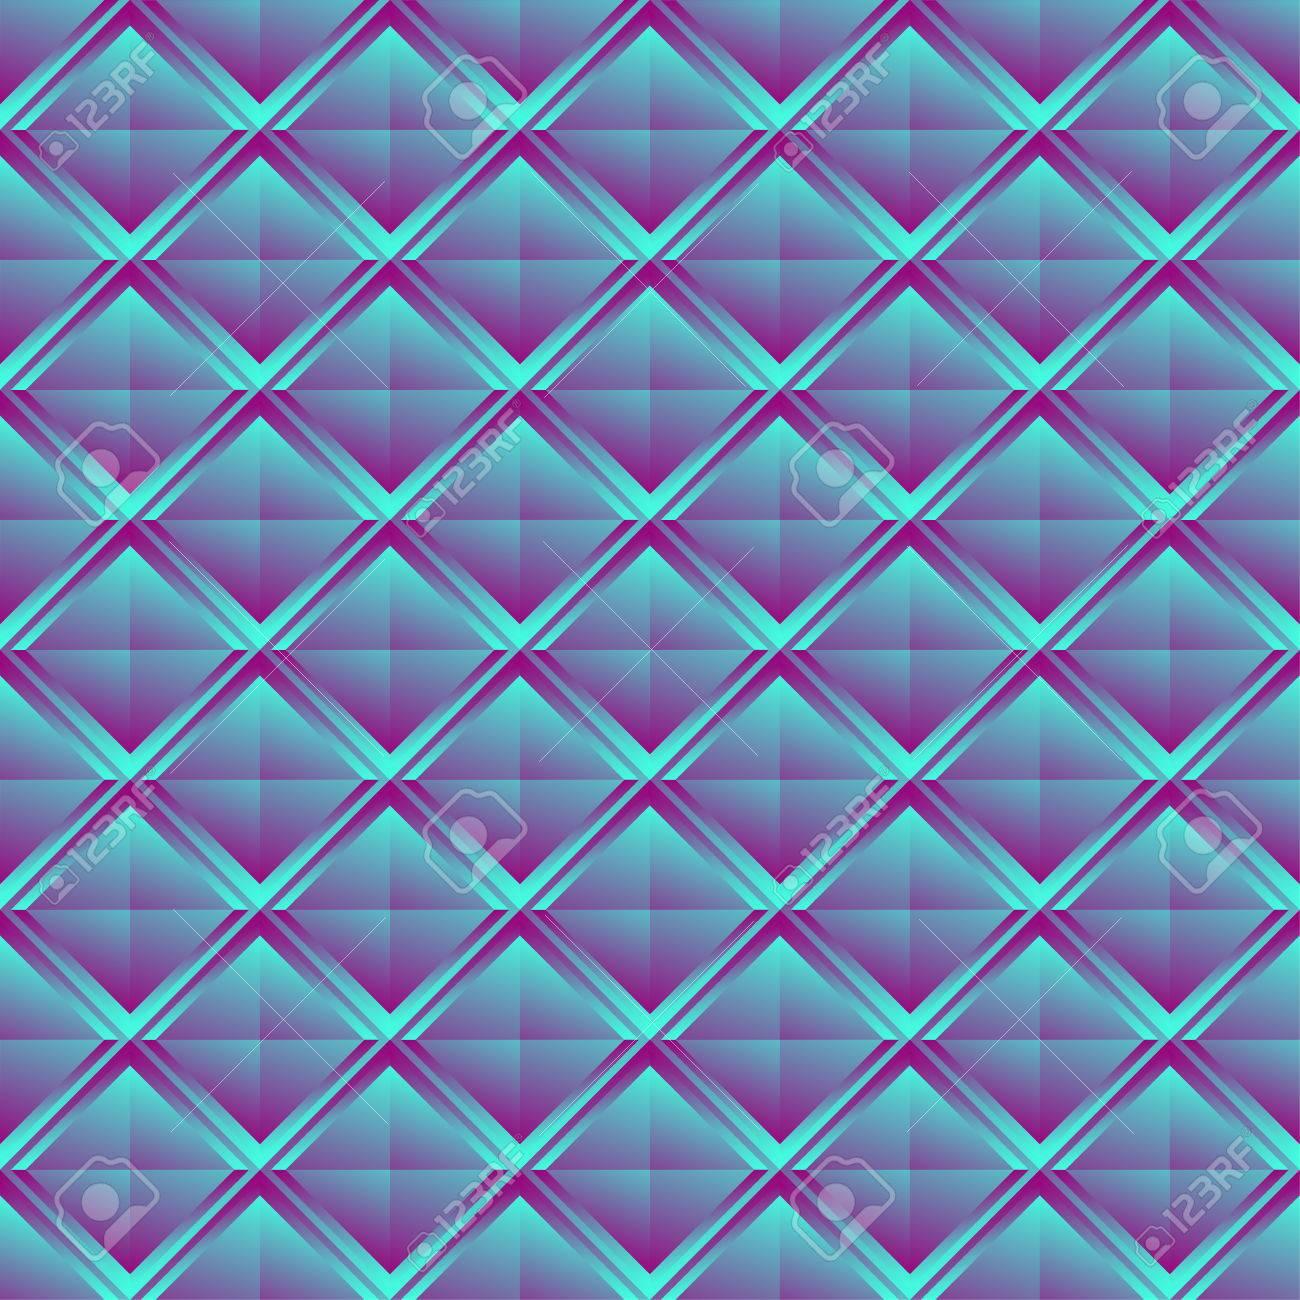 Patrón Repetible Con El Cristal Como La Estructura. Mosaico De Los ...